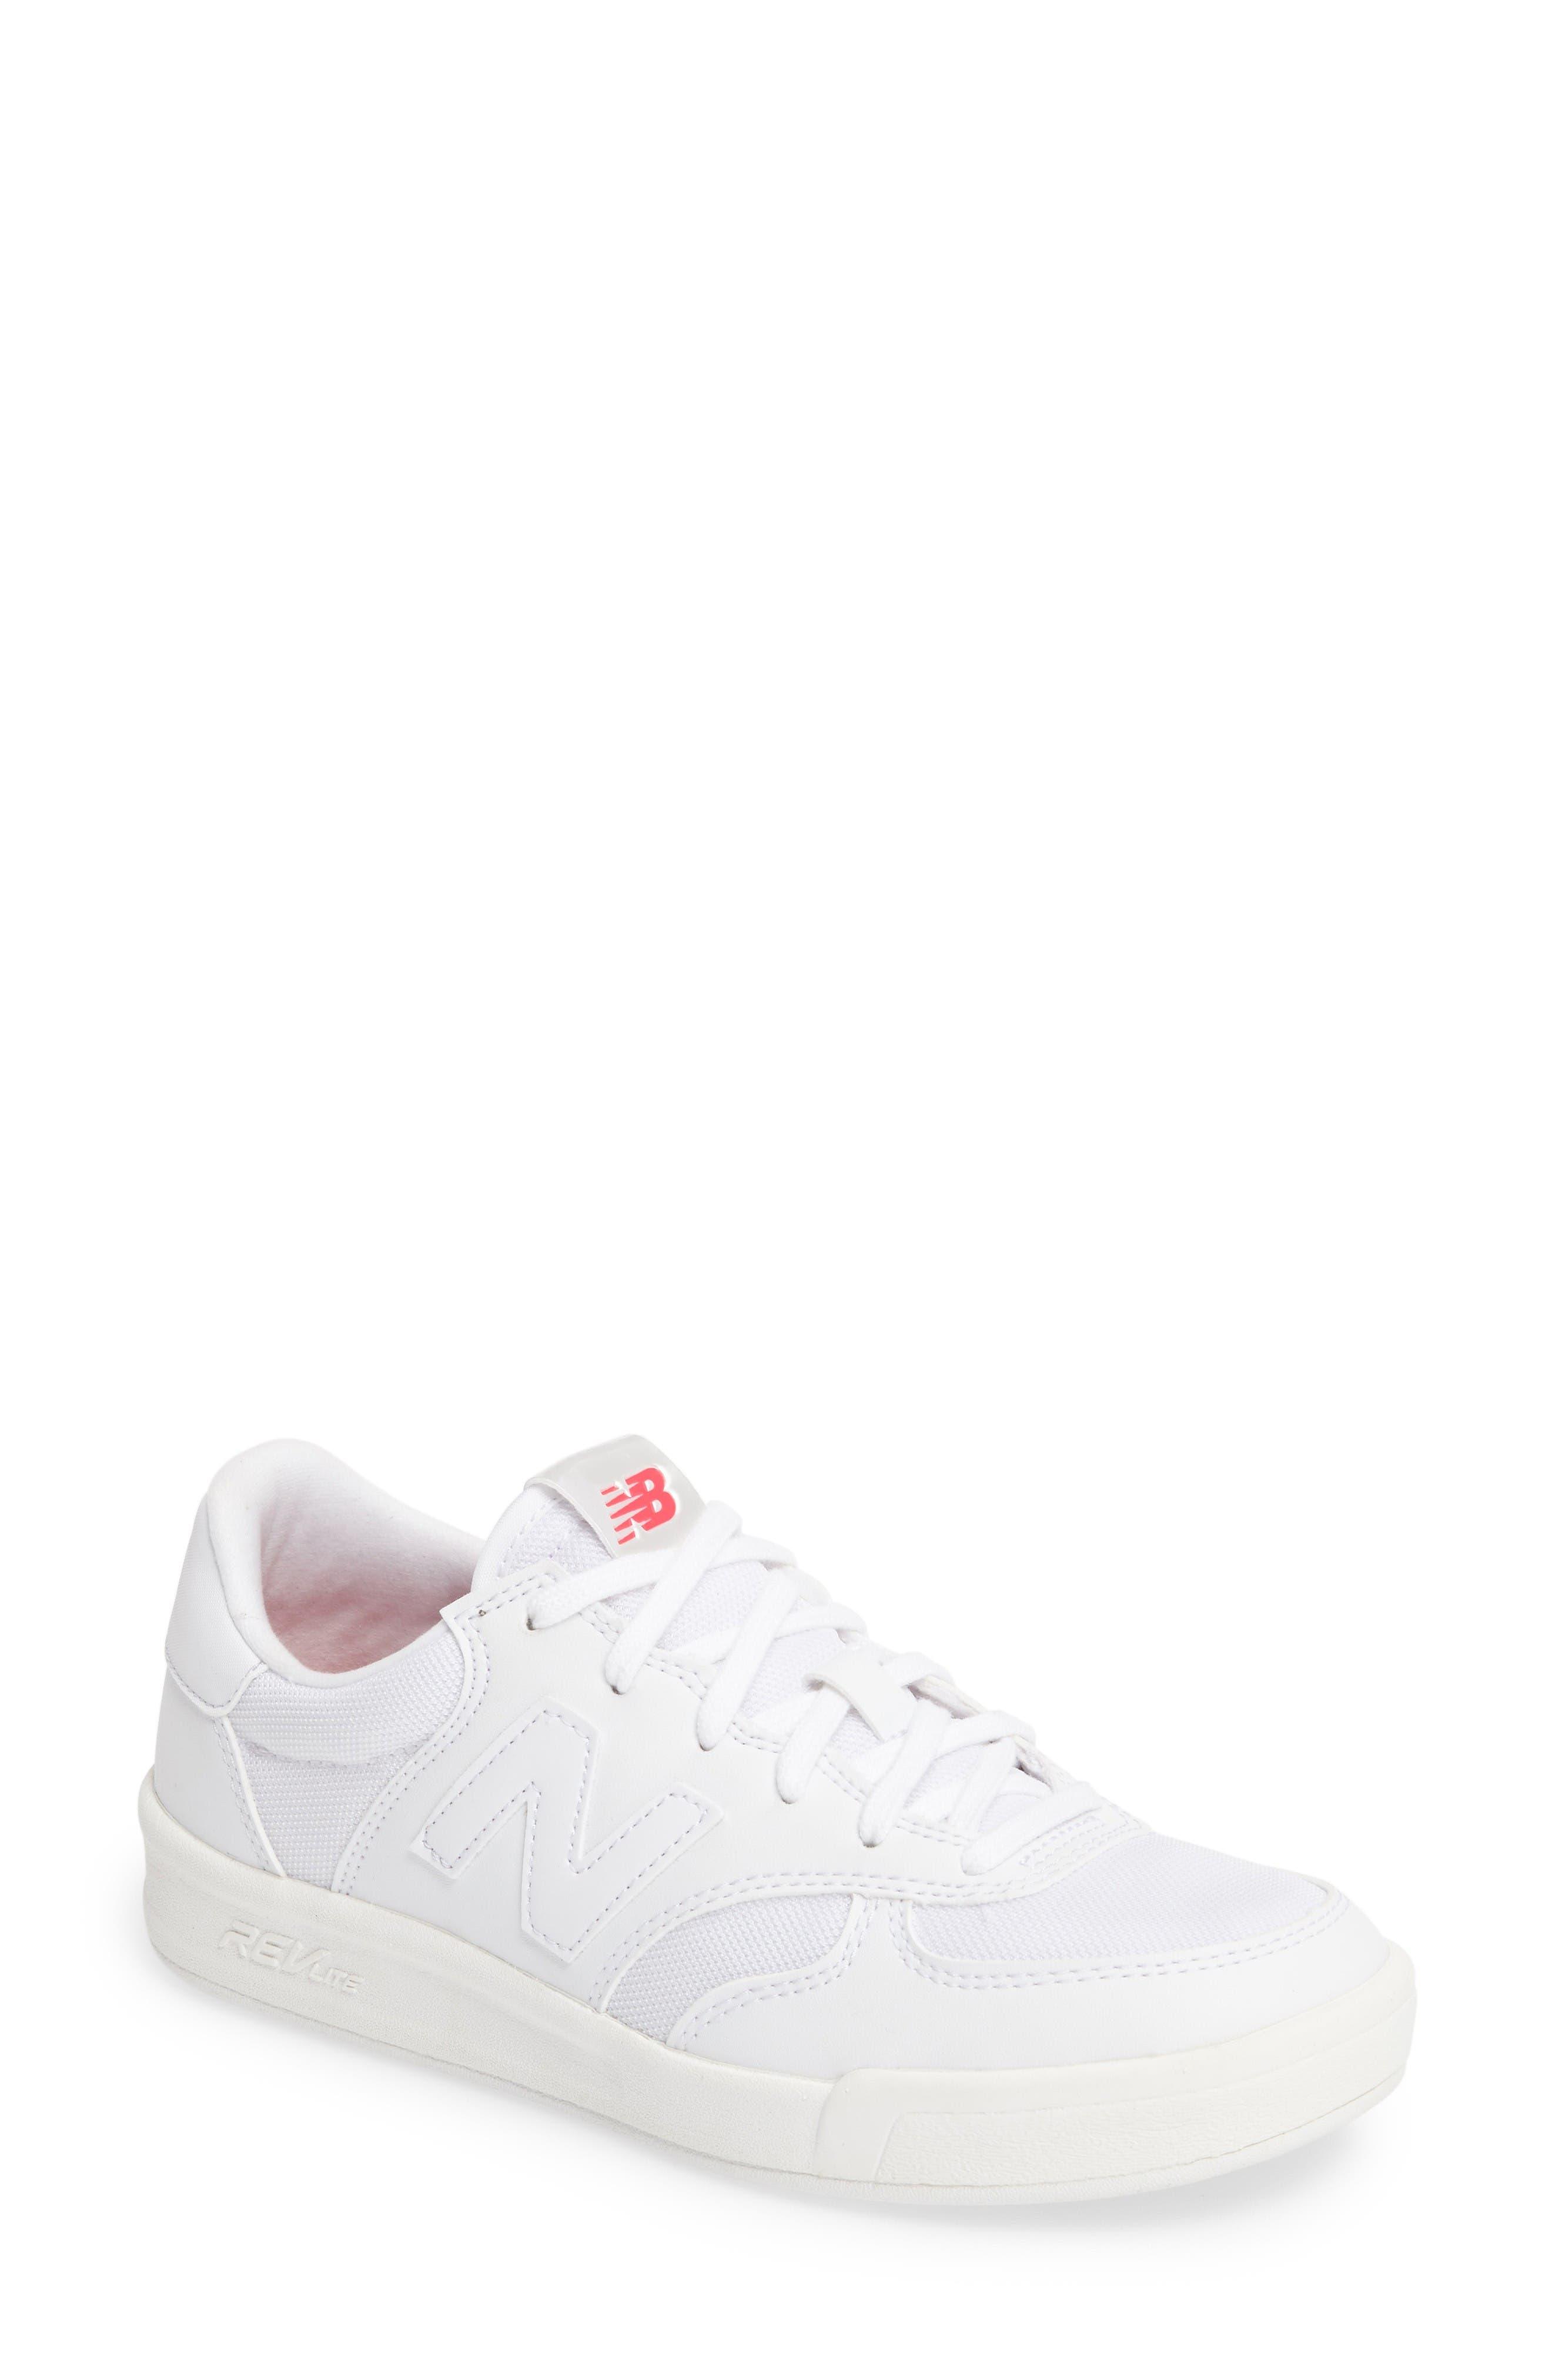 New Balance Sport Style 300 Sneaker (Women)